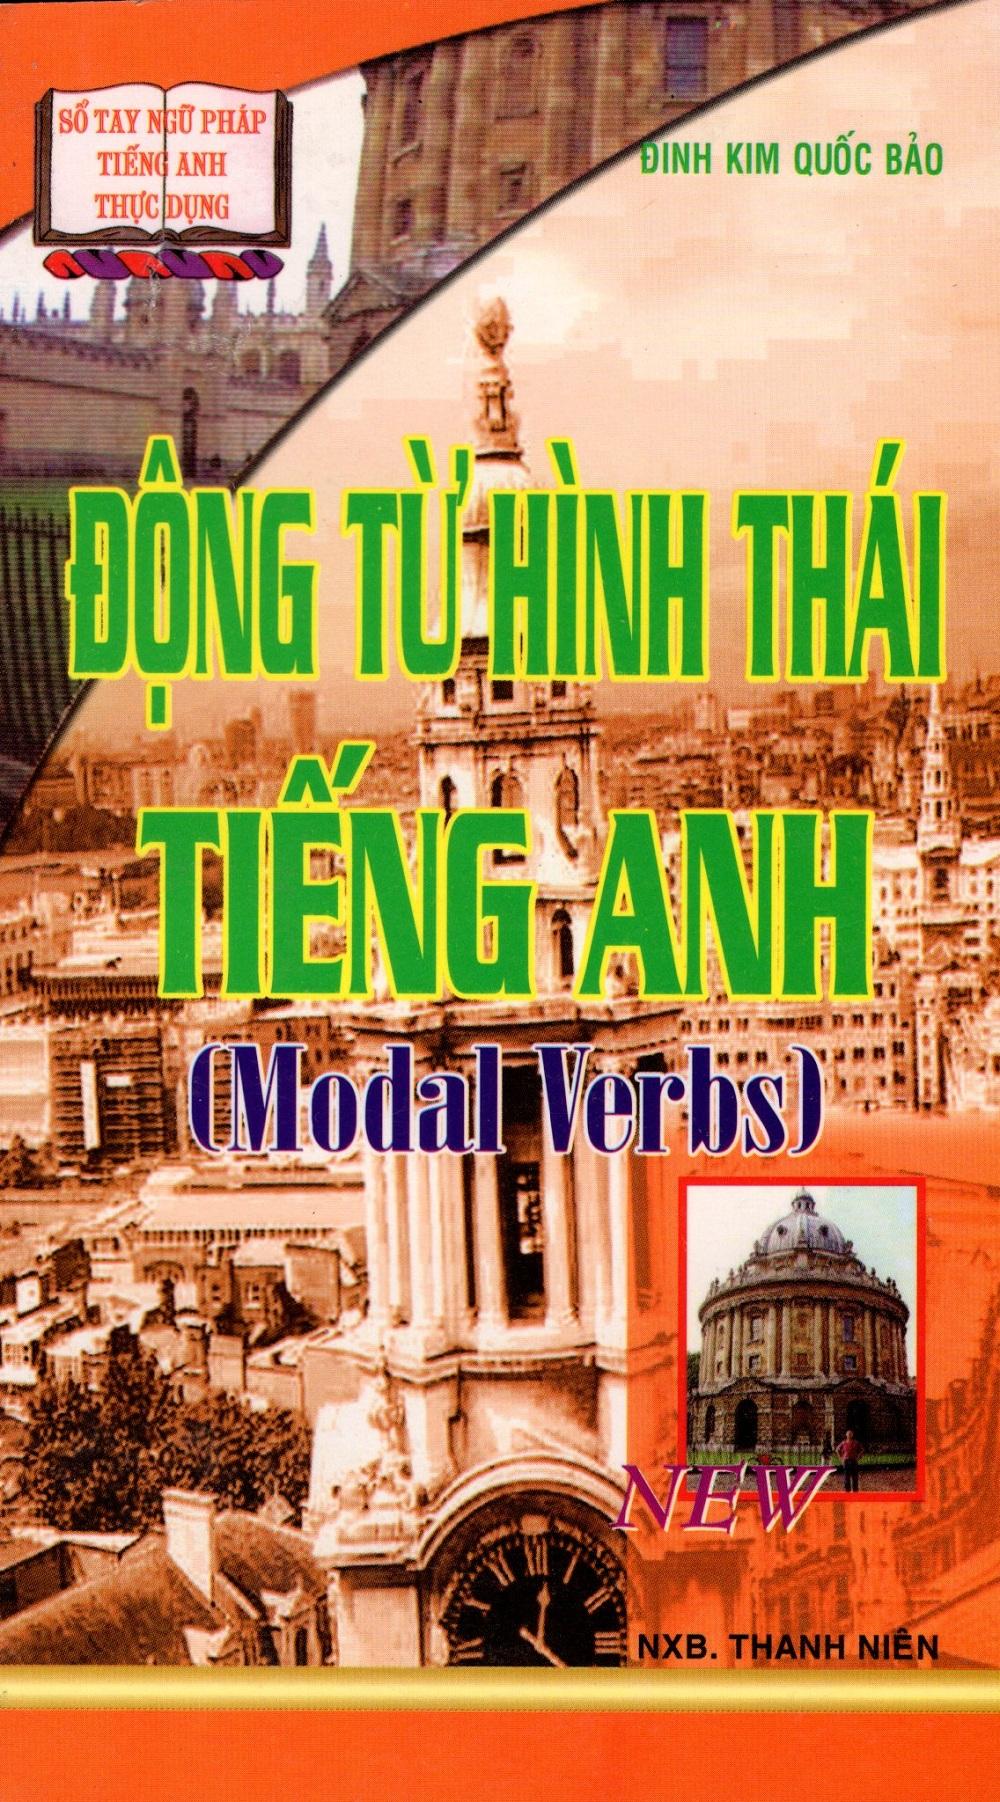 Bìa sách Động Từ Hình Thái Tiếng Anh (Modal Verbs) - Sách Bỏ Túi